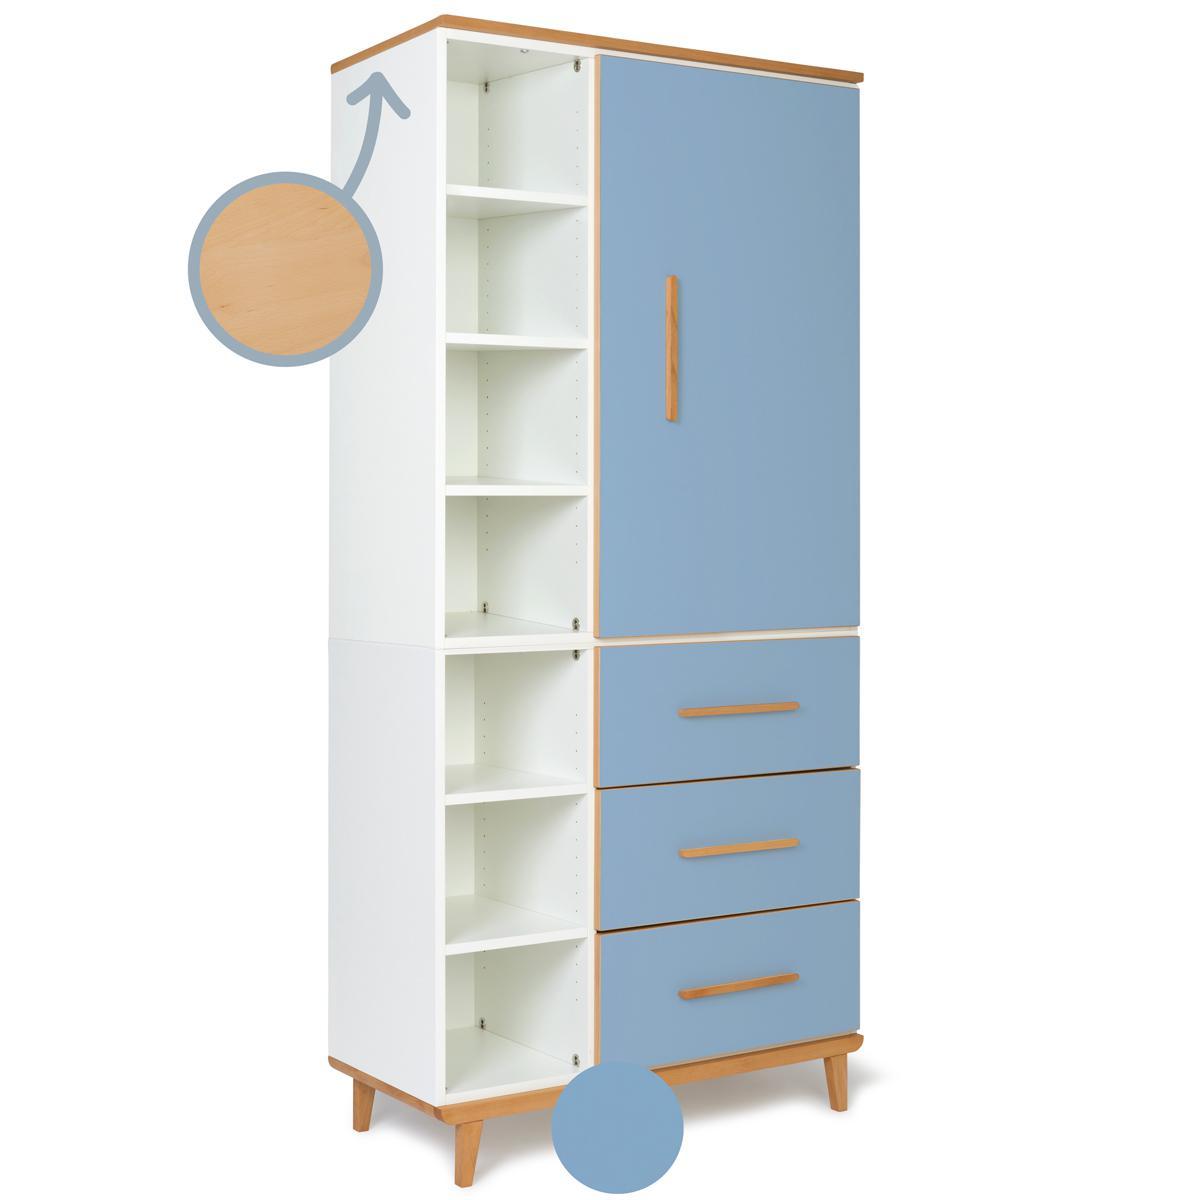 Kleiderschrank 198cm 1-türig 3 Schubladen NADO capri blue